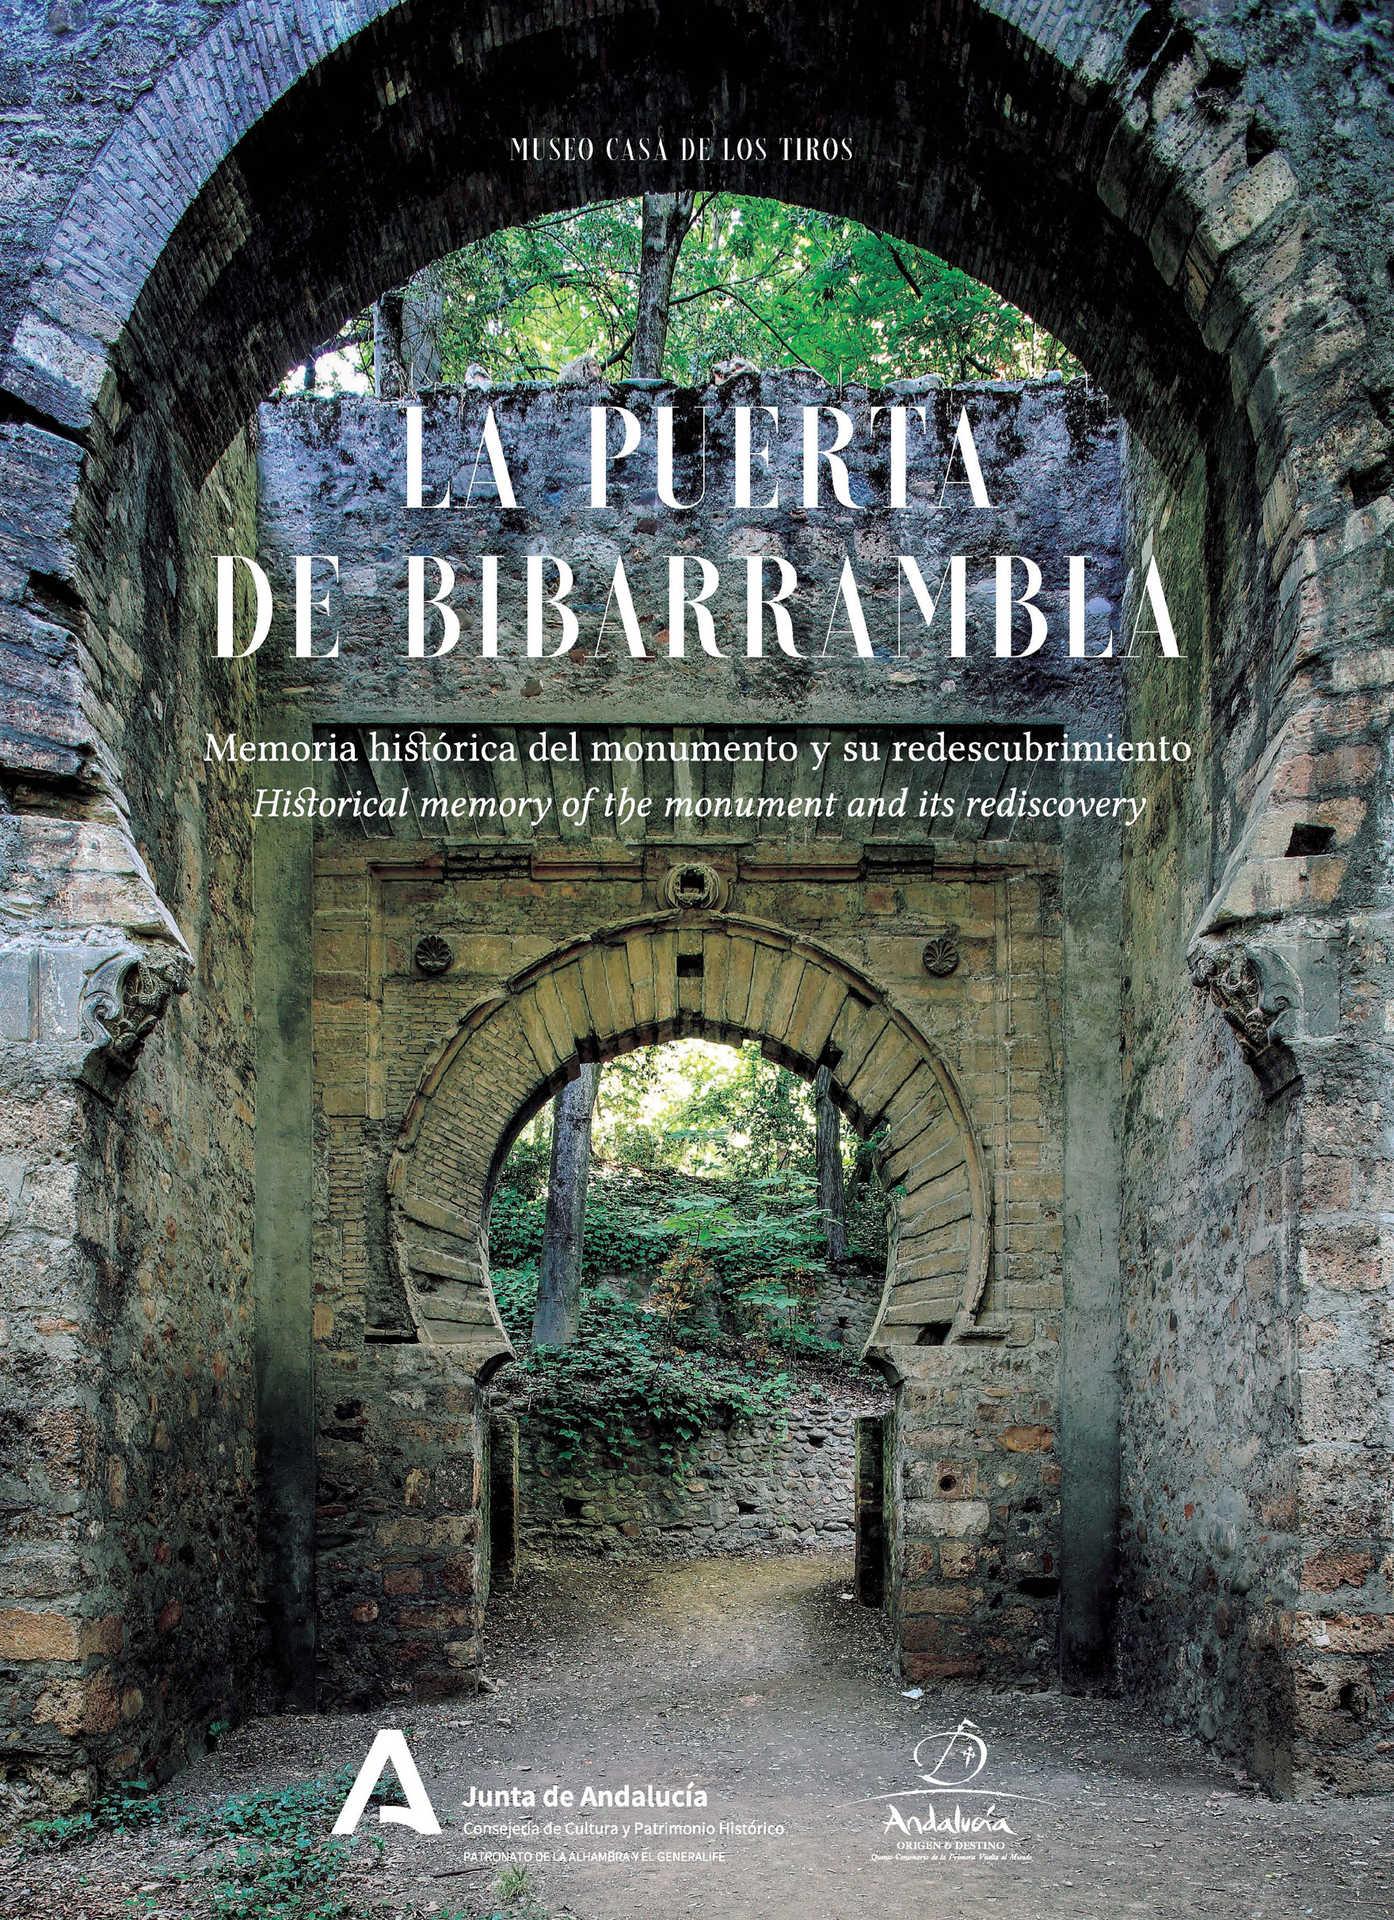 Exposición 'La Puerta de Bibarrambla'. Memoria histórica del monumento y su redescubrimiento 1873-2020